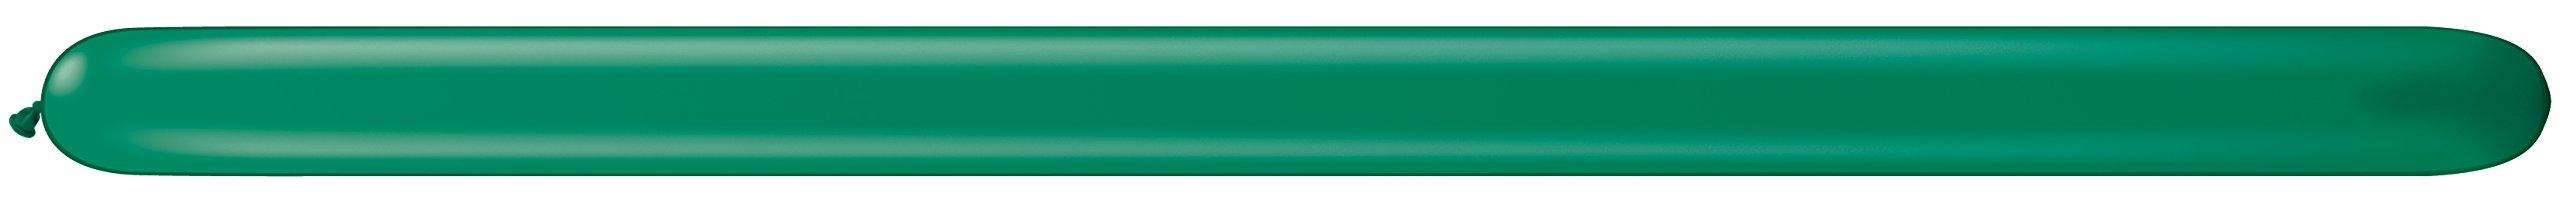 Qualatex 260 Q Balloons Emerald Green 100 Per Bag